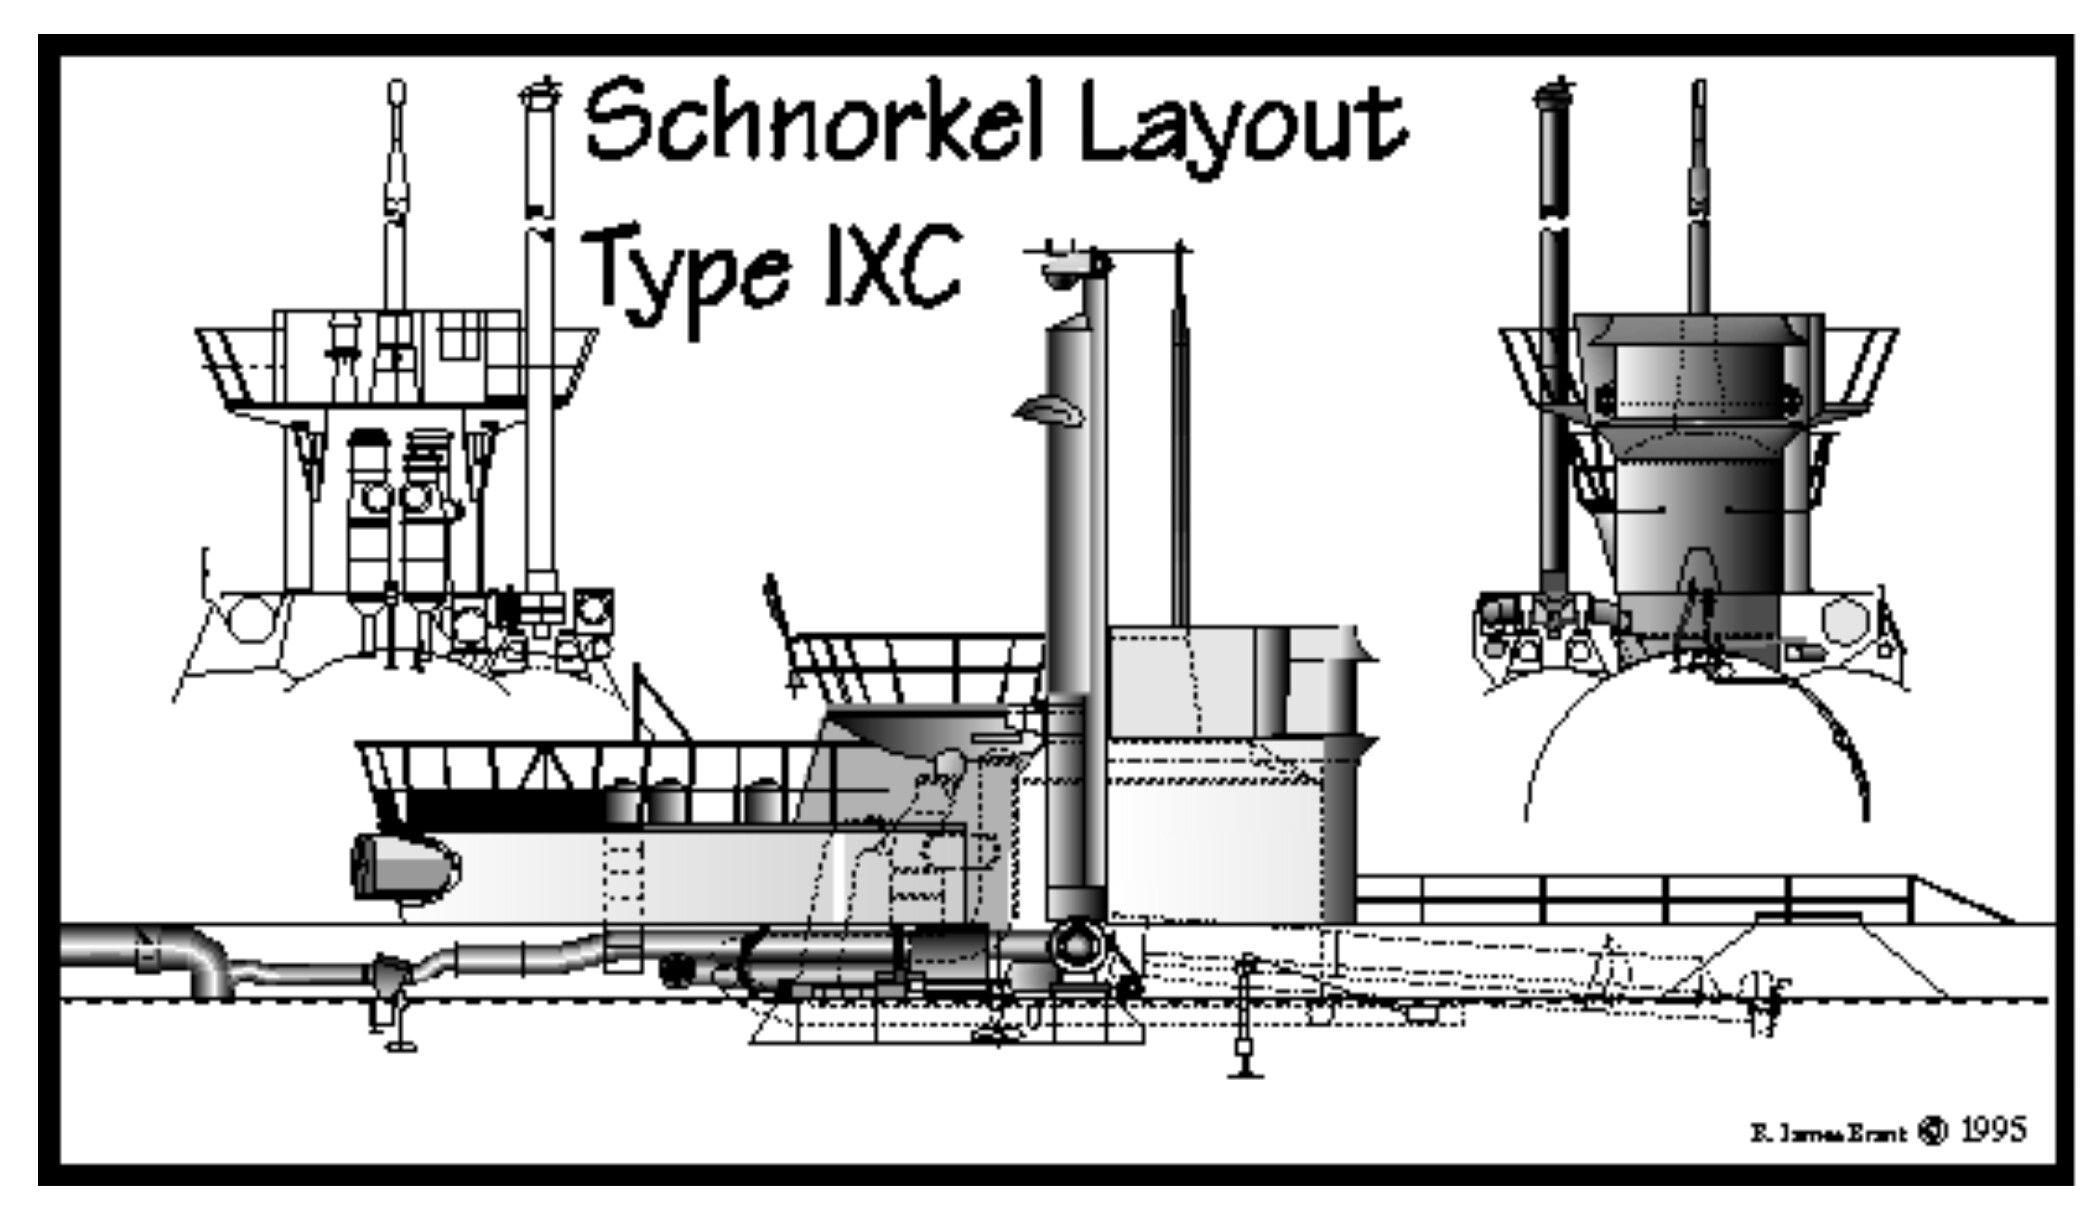 Schnorchel On Type Ixc Submarines